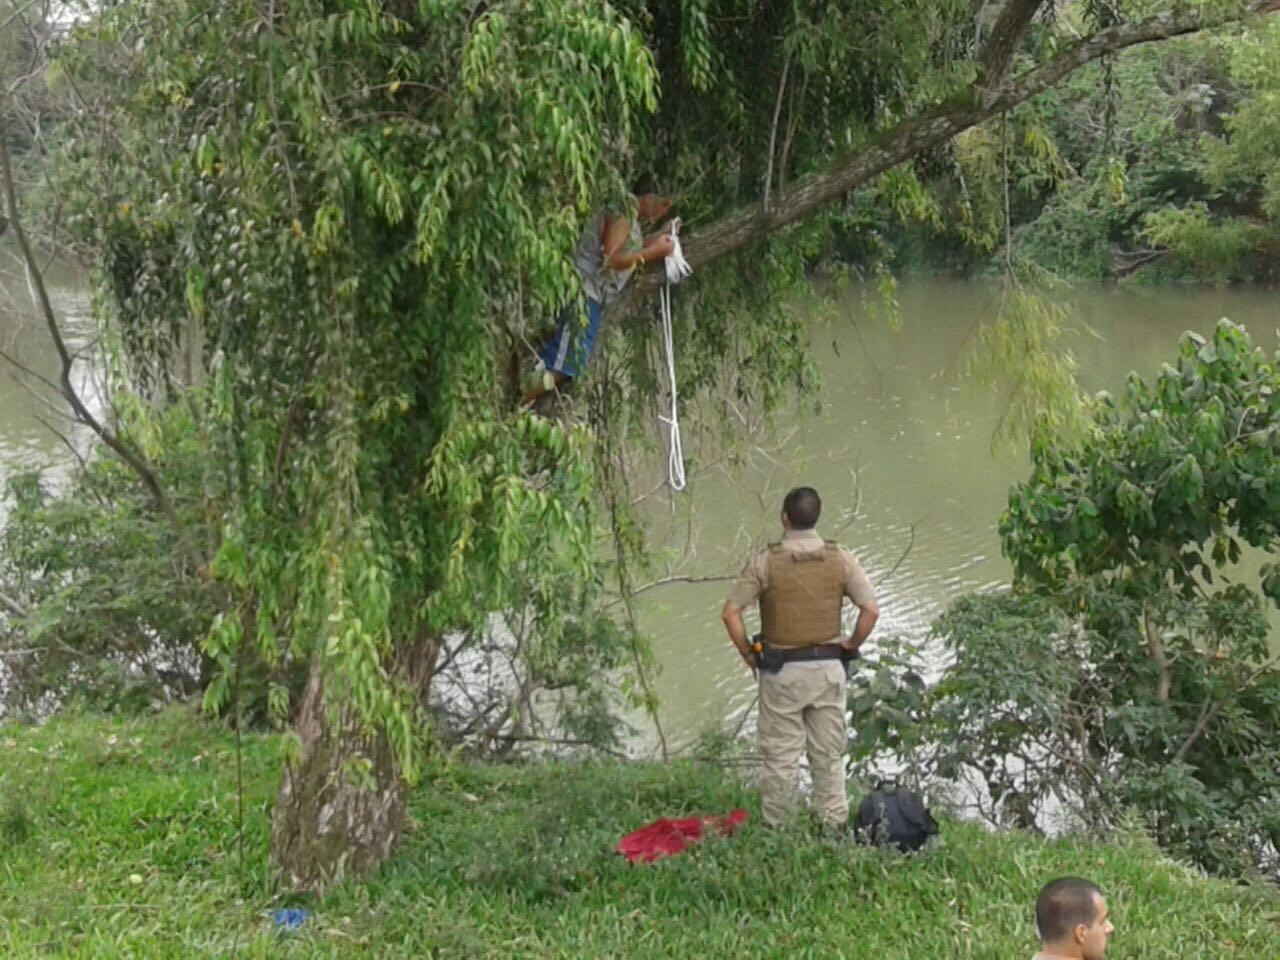 Policial Militar impede suicídio